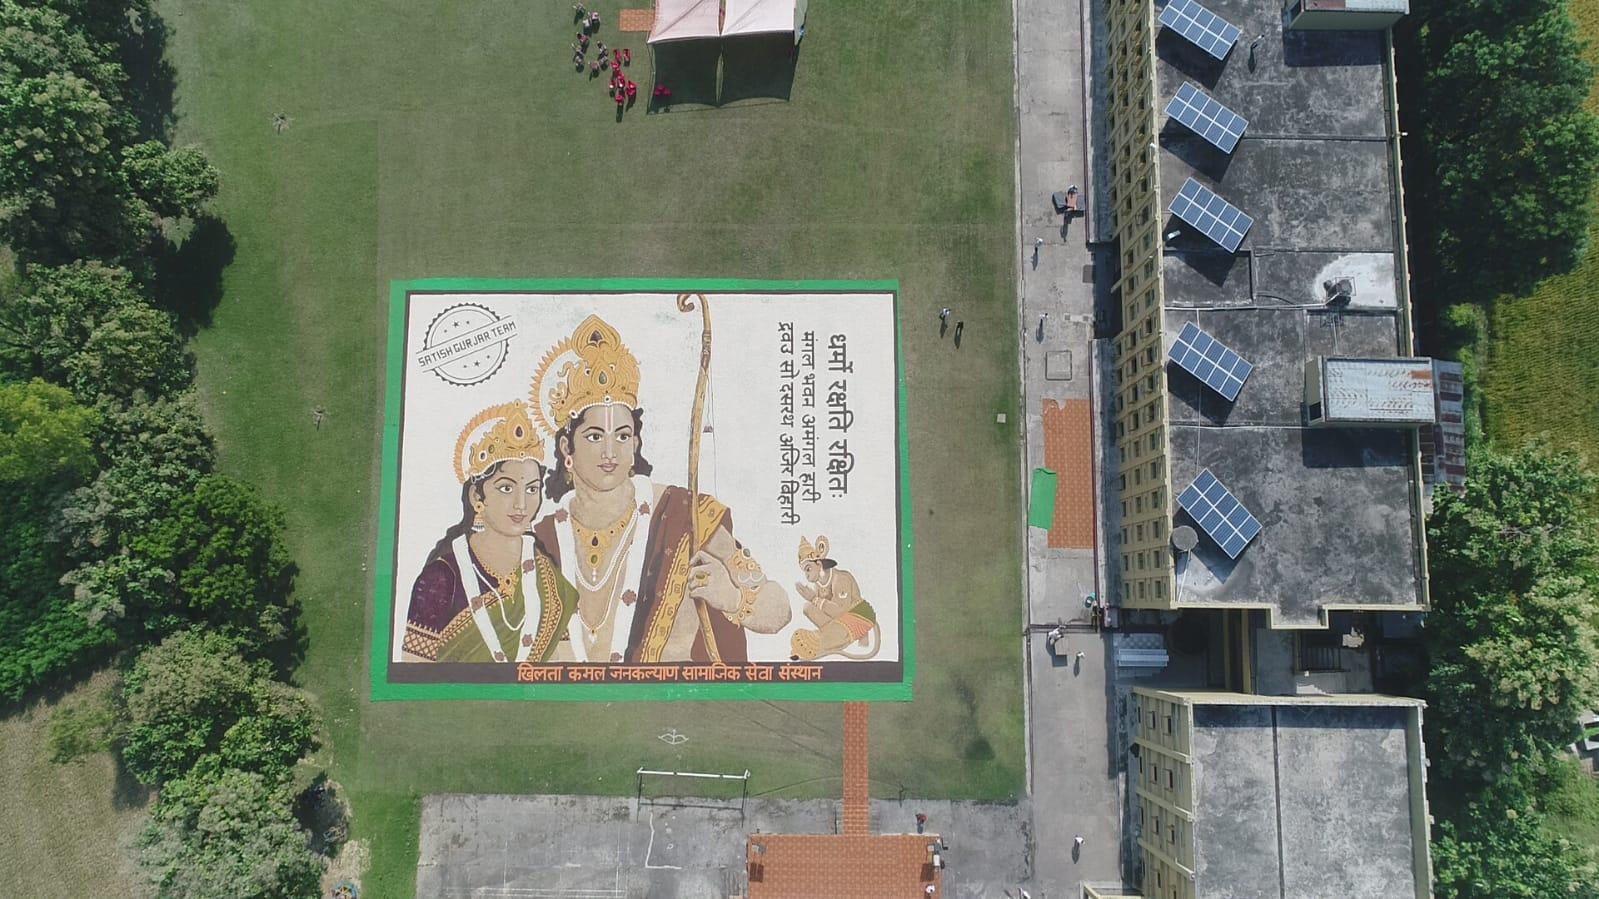 11 प्रकार के अनाज से उकेरा श्रीराम-जानकी और हनुमान का चित्र, विश्व की सबसे बड़ी कलाकृति का शुभारंभ हुआ|होशंगाबाद,Hoshangabad - Dainik Bhaskar